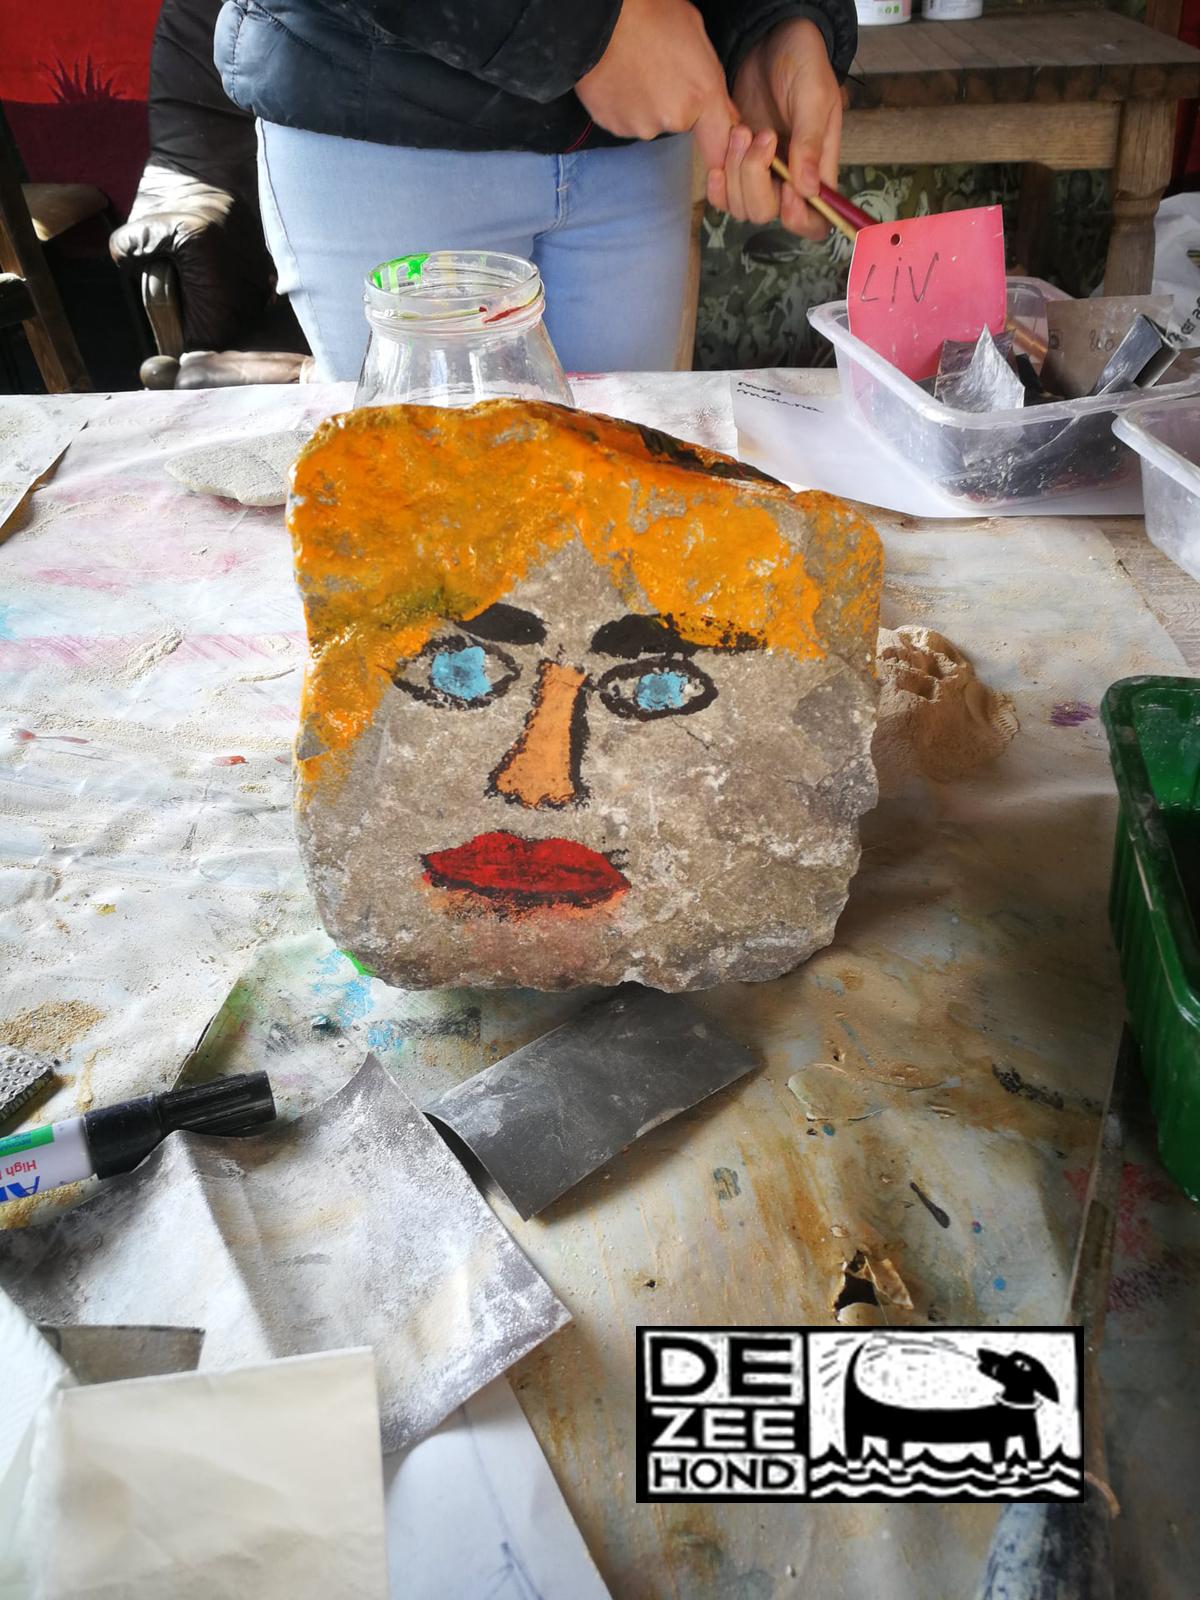 beschilder een steen of kei